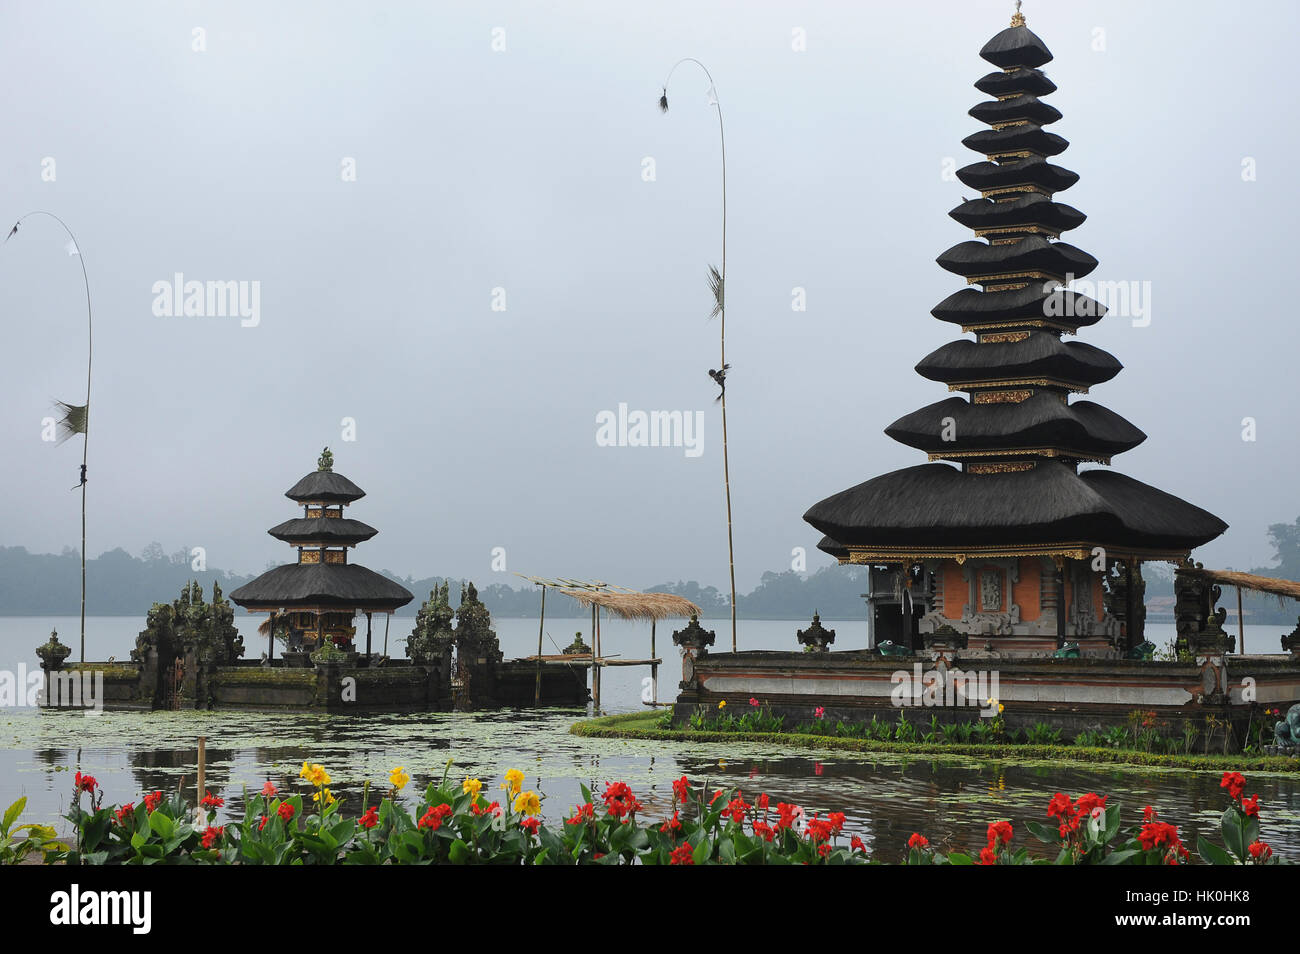 Indonesia Bali Bedugul The Temple Of Ulun Danu Is Located On